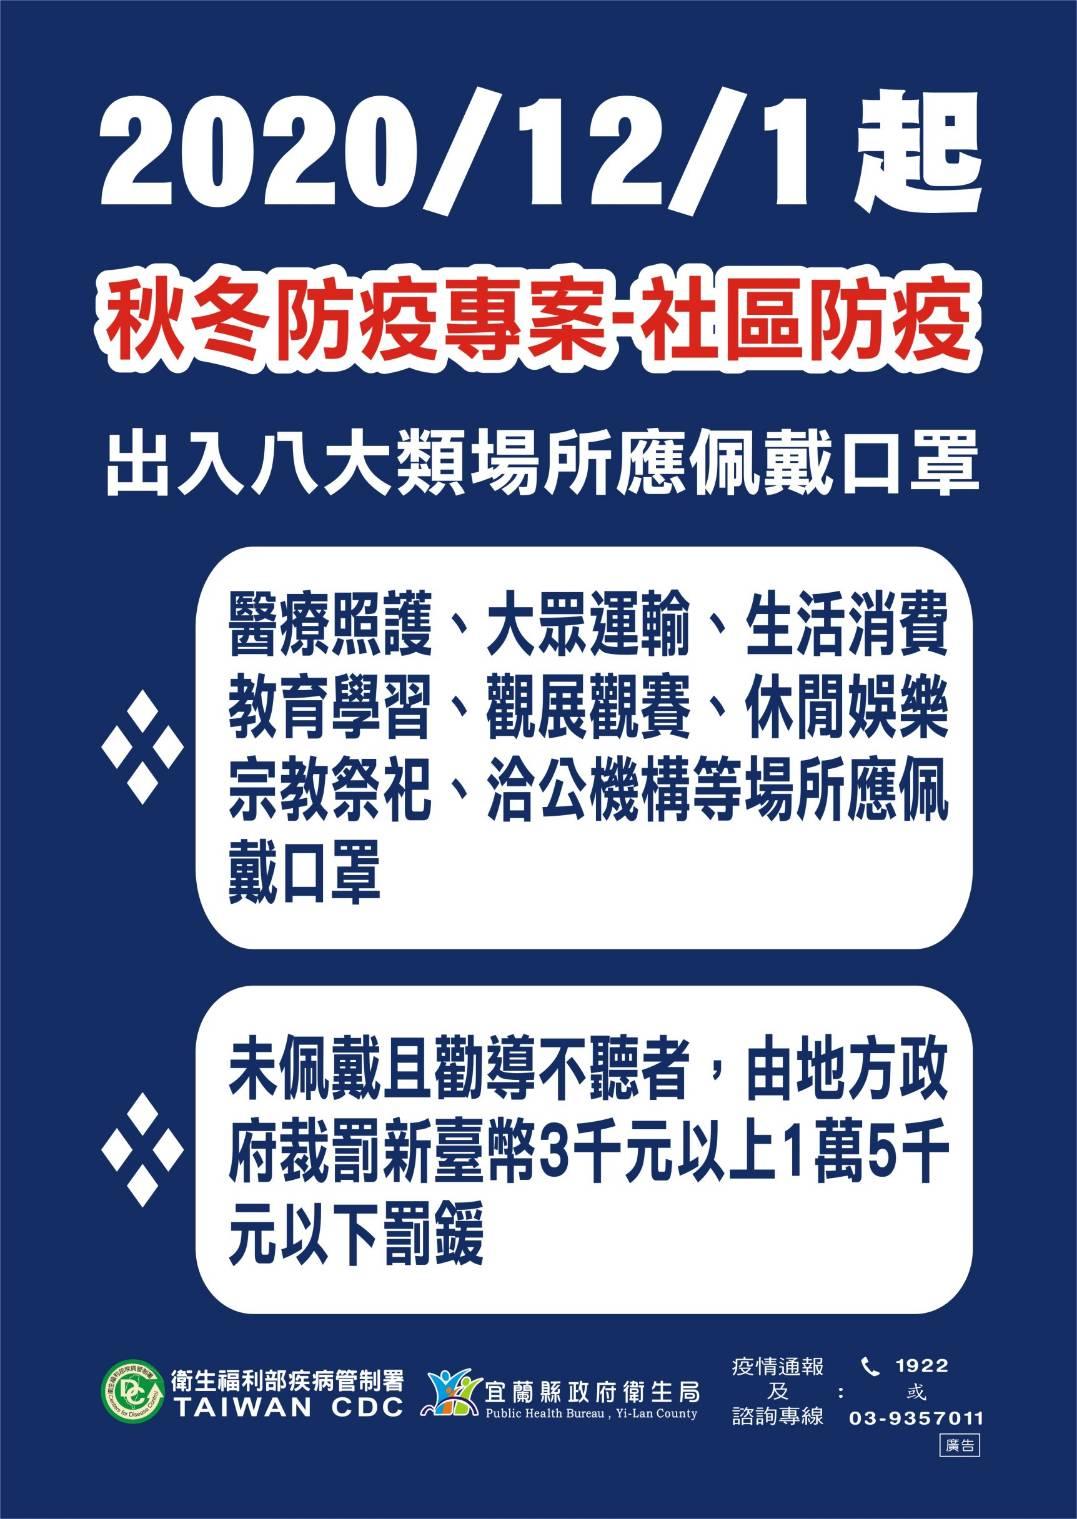 「秋冬防疫專案-社區防疫」文宣圖